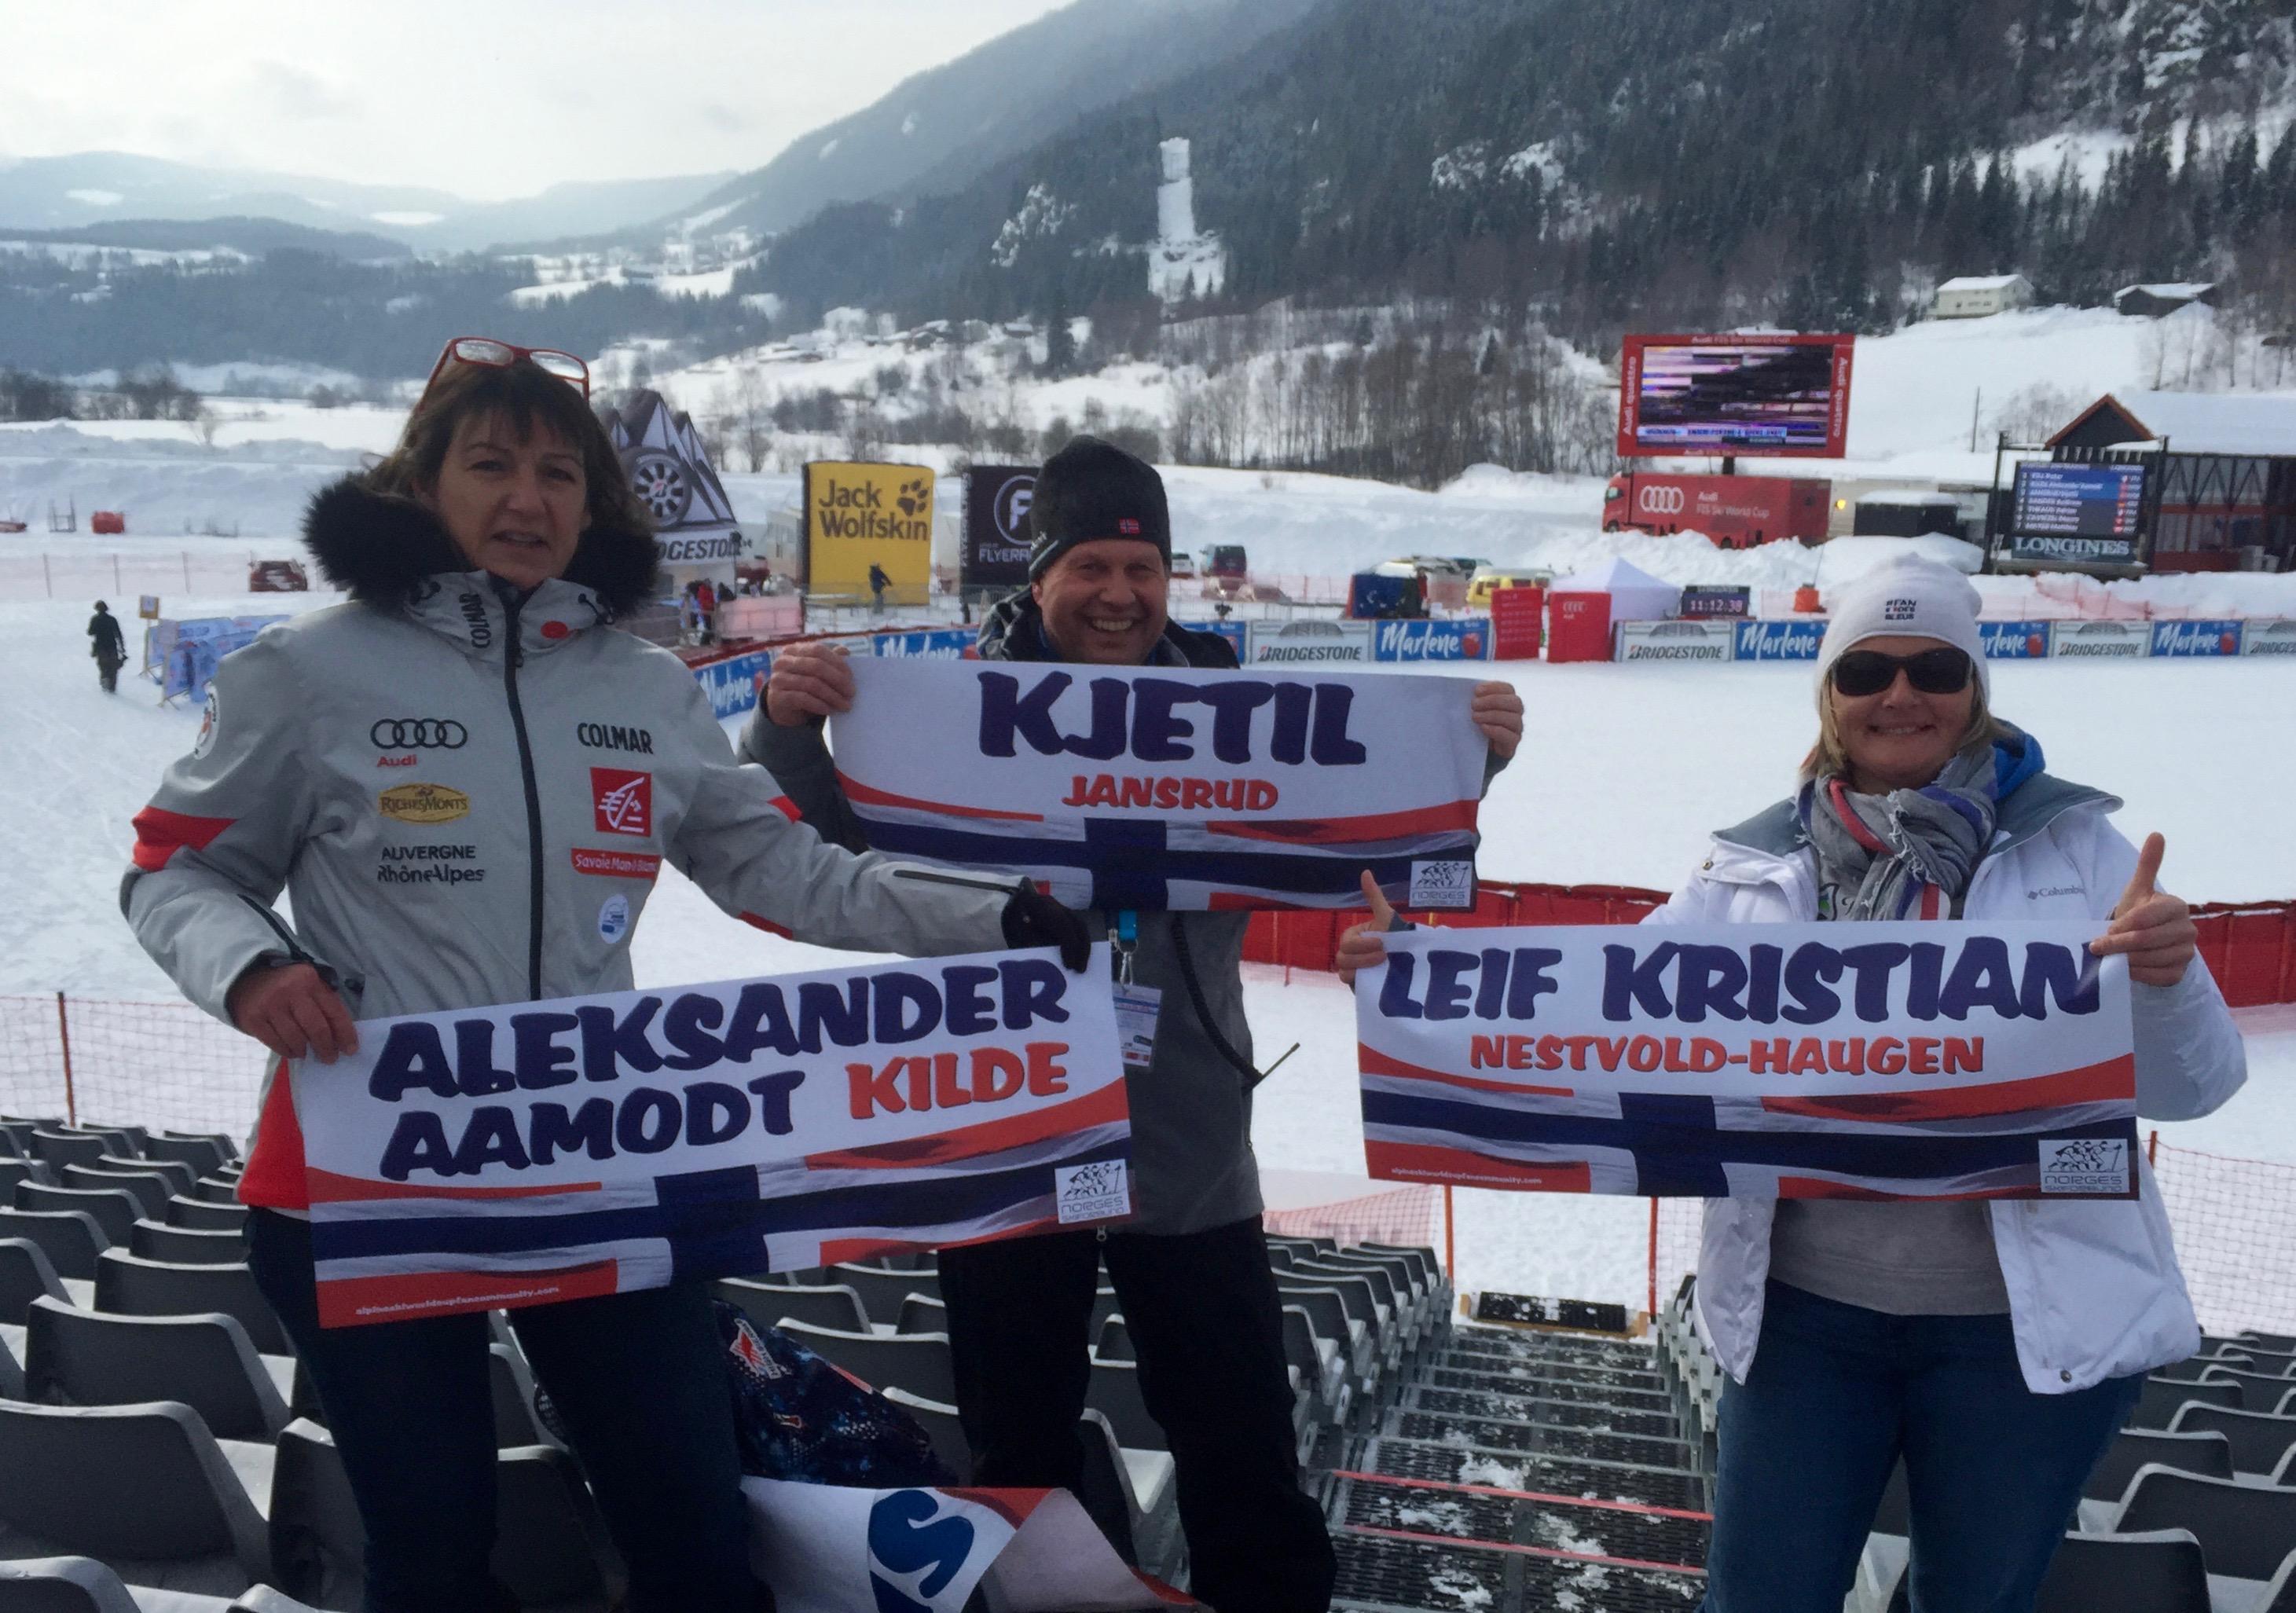 Aleksander Aamodt KILDE ; Leif Kristian NESTVOLD-HAUGEN & Kjetil JANSRUD